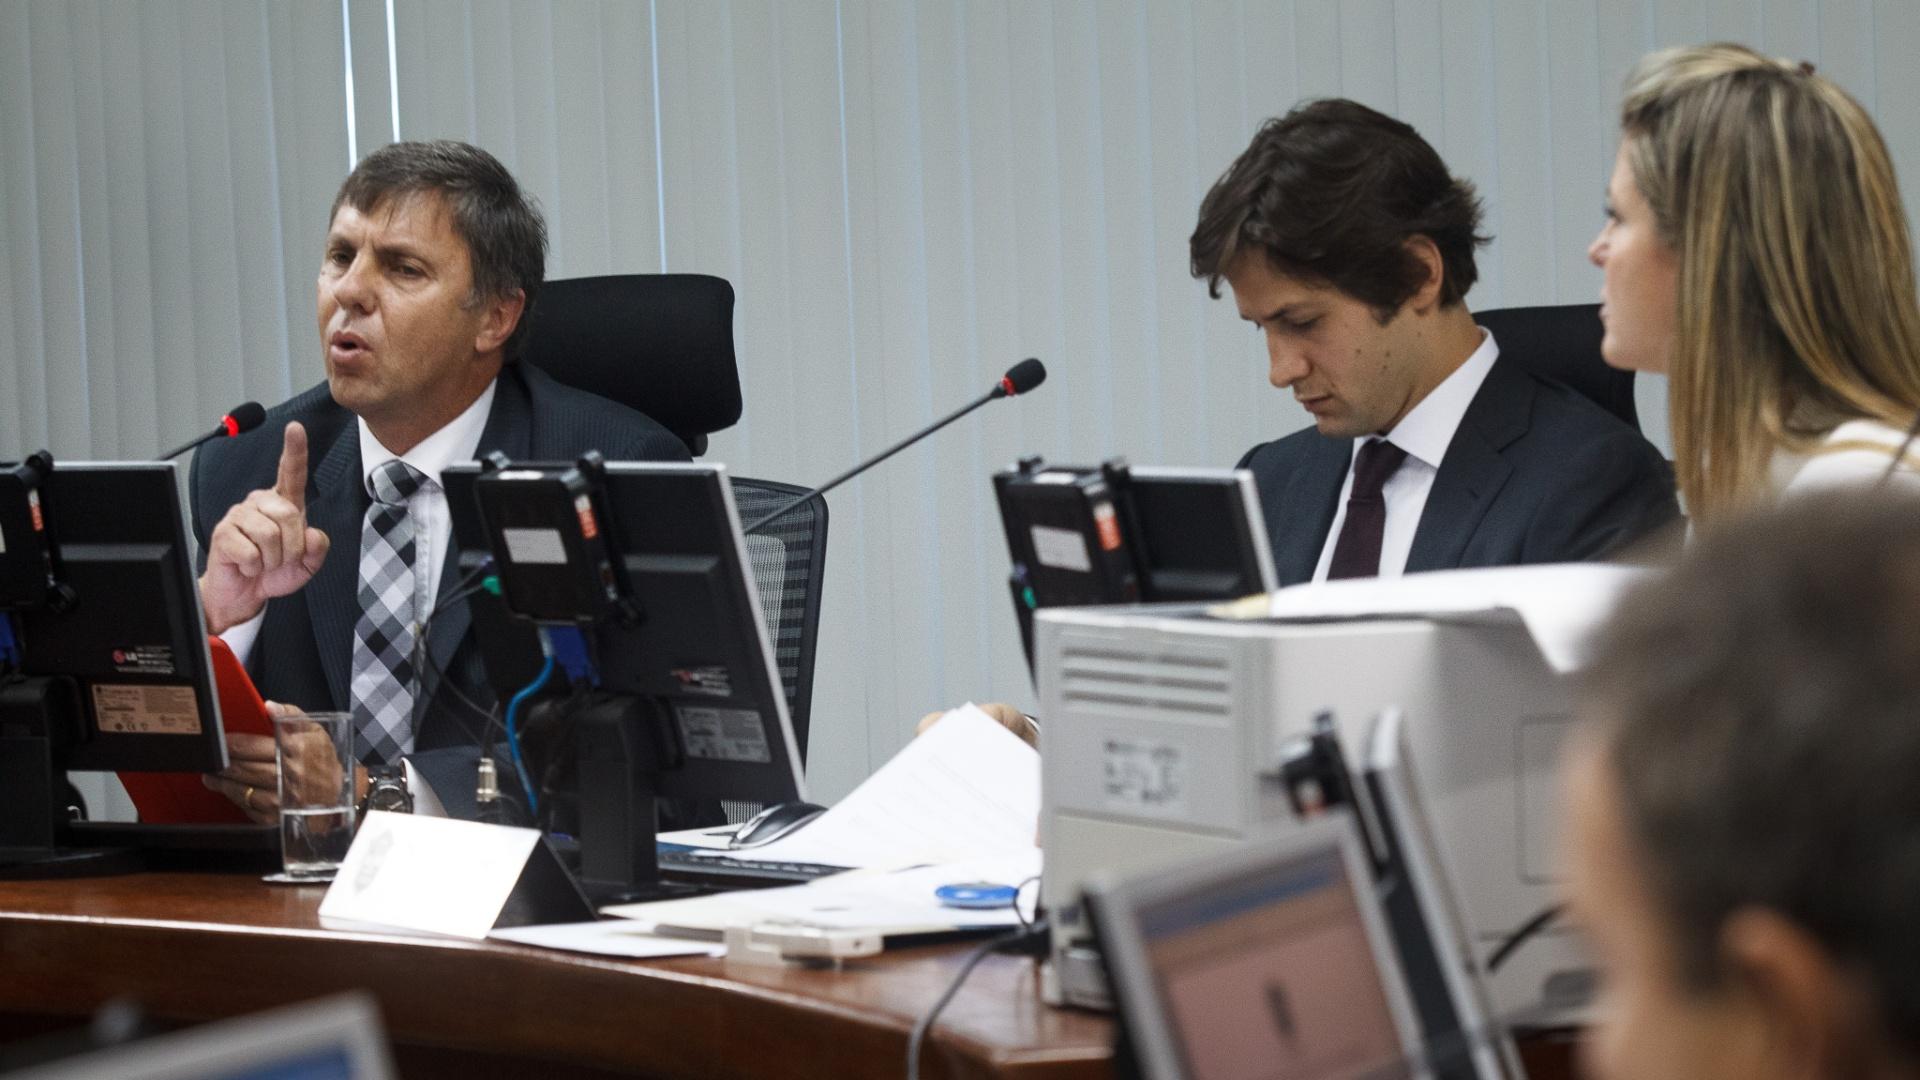 27.dez.2013 - Procurador-geral do STJD Paulo Schmitt argumenta durante sessão do Pleno no Rio de Janeiro